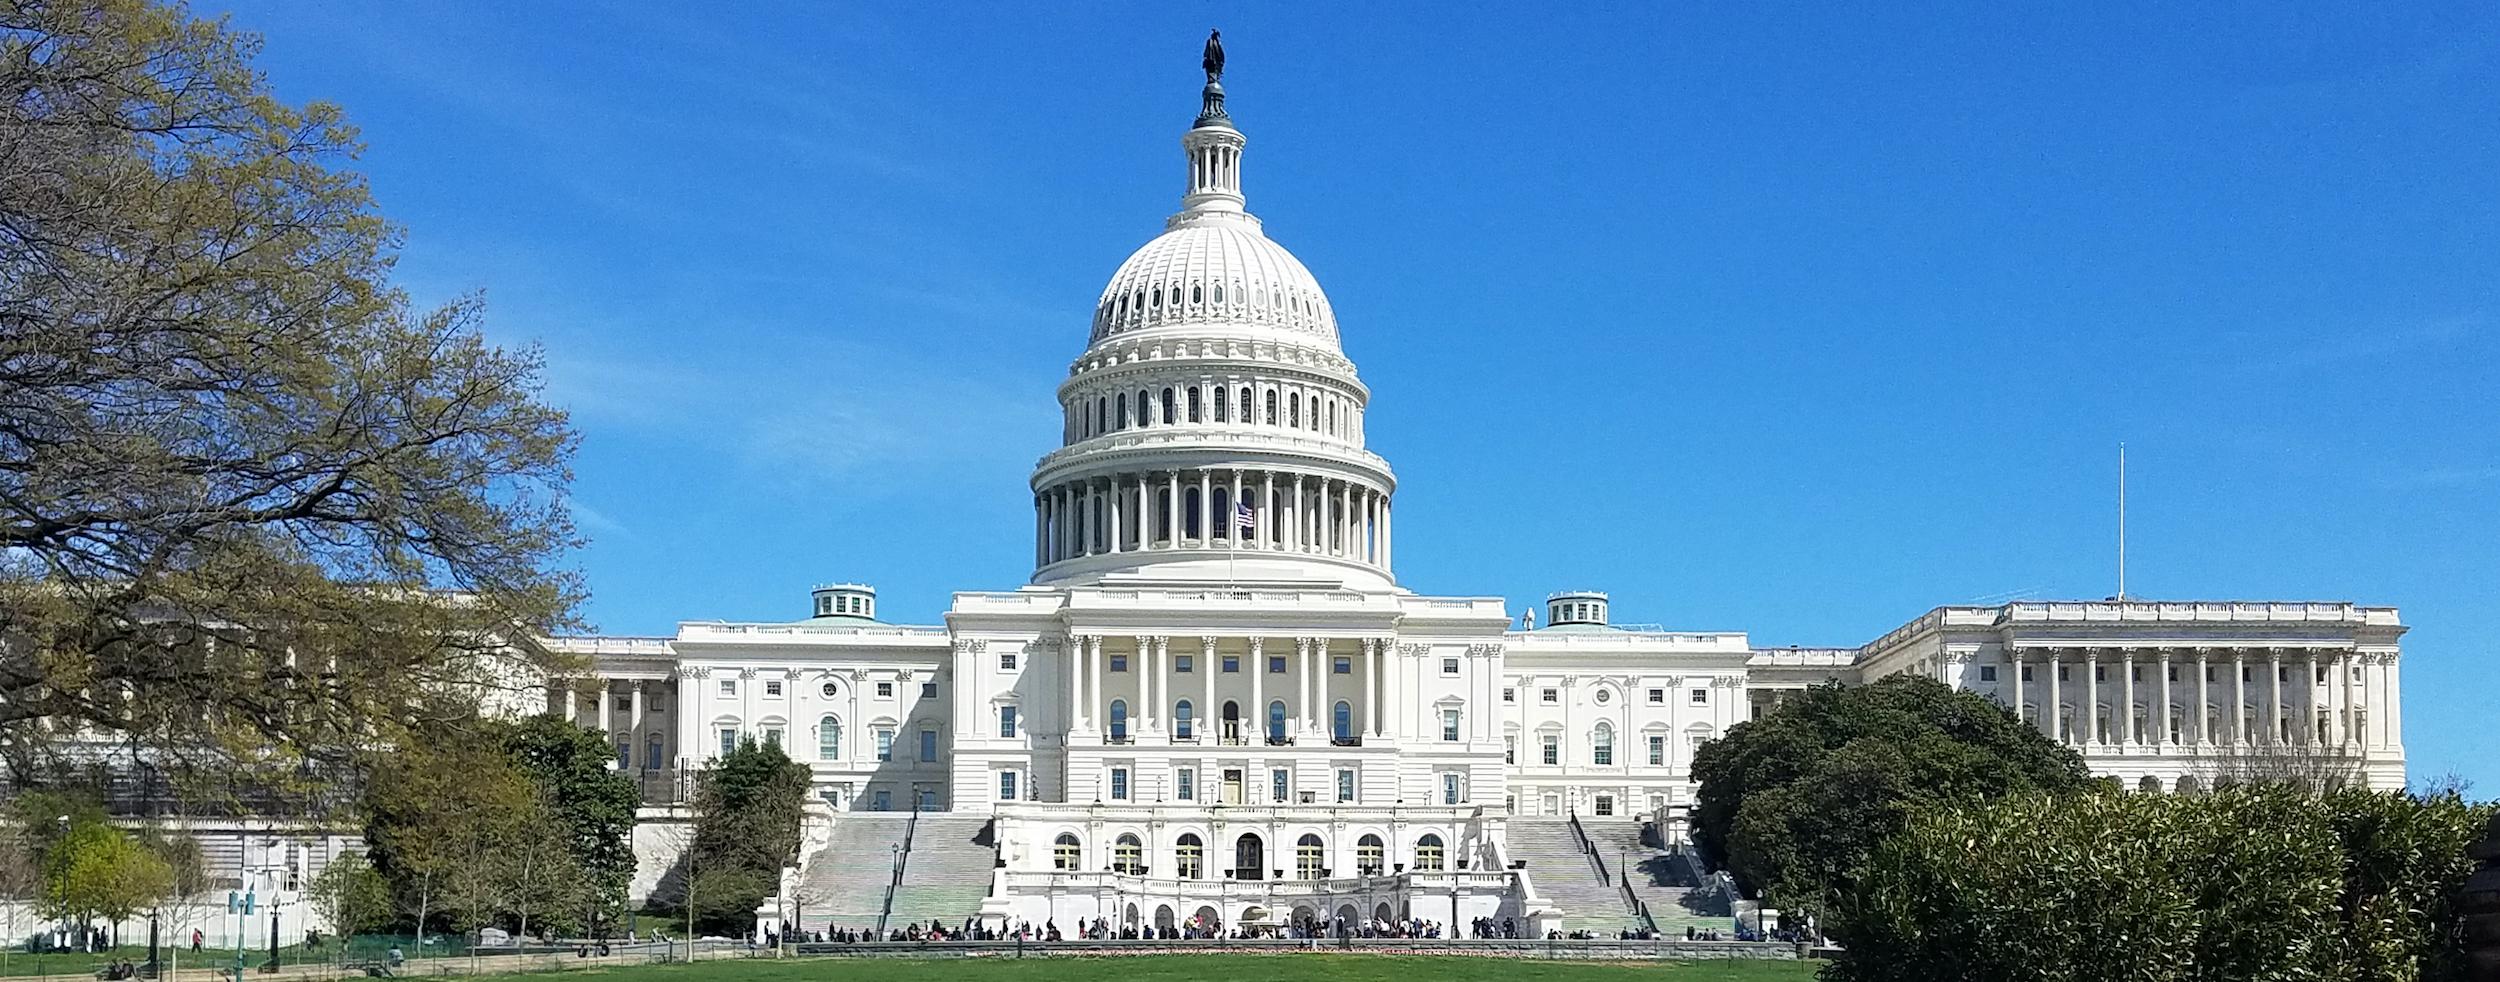 Chương trình đầu tư định cư Mỹ EB5 - Lấy thẻ xanh Mỹ cho cả gia đình